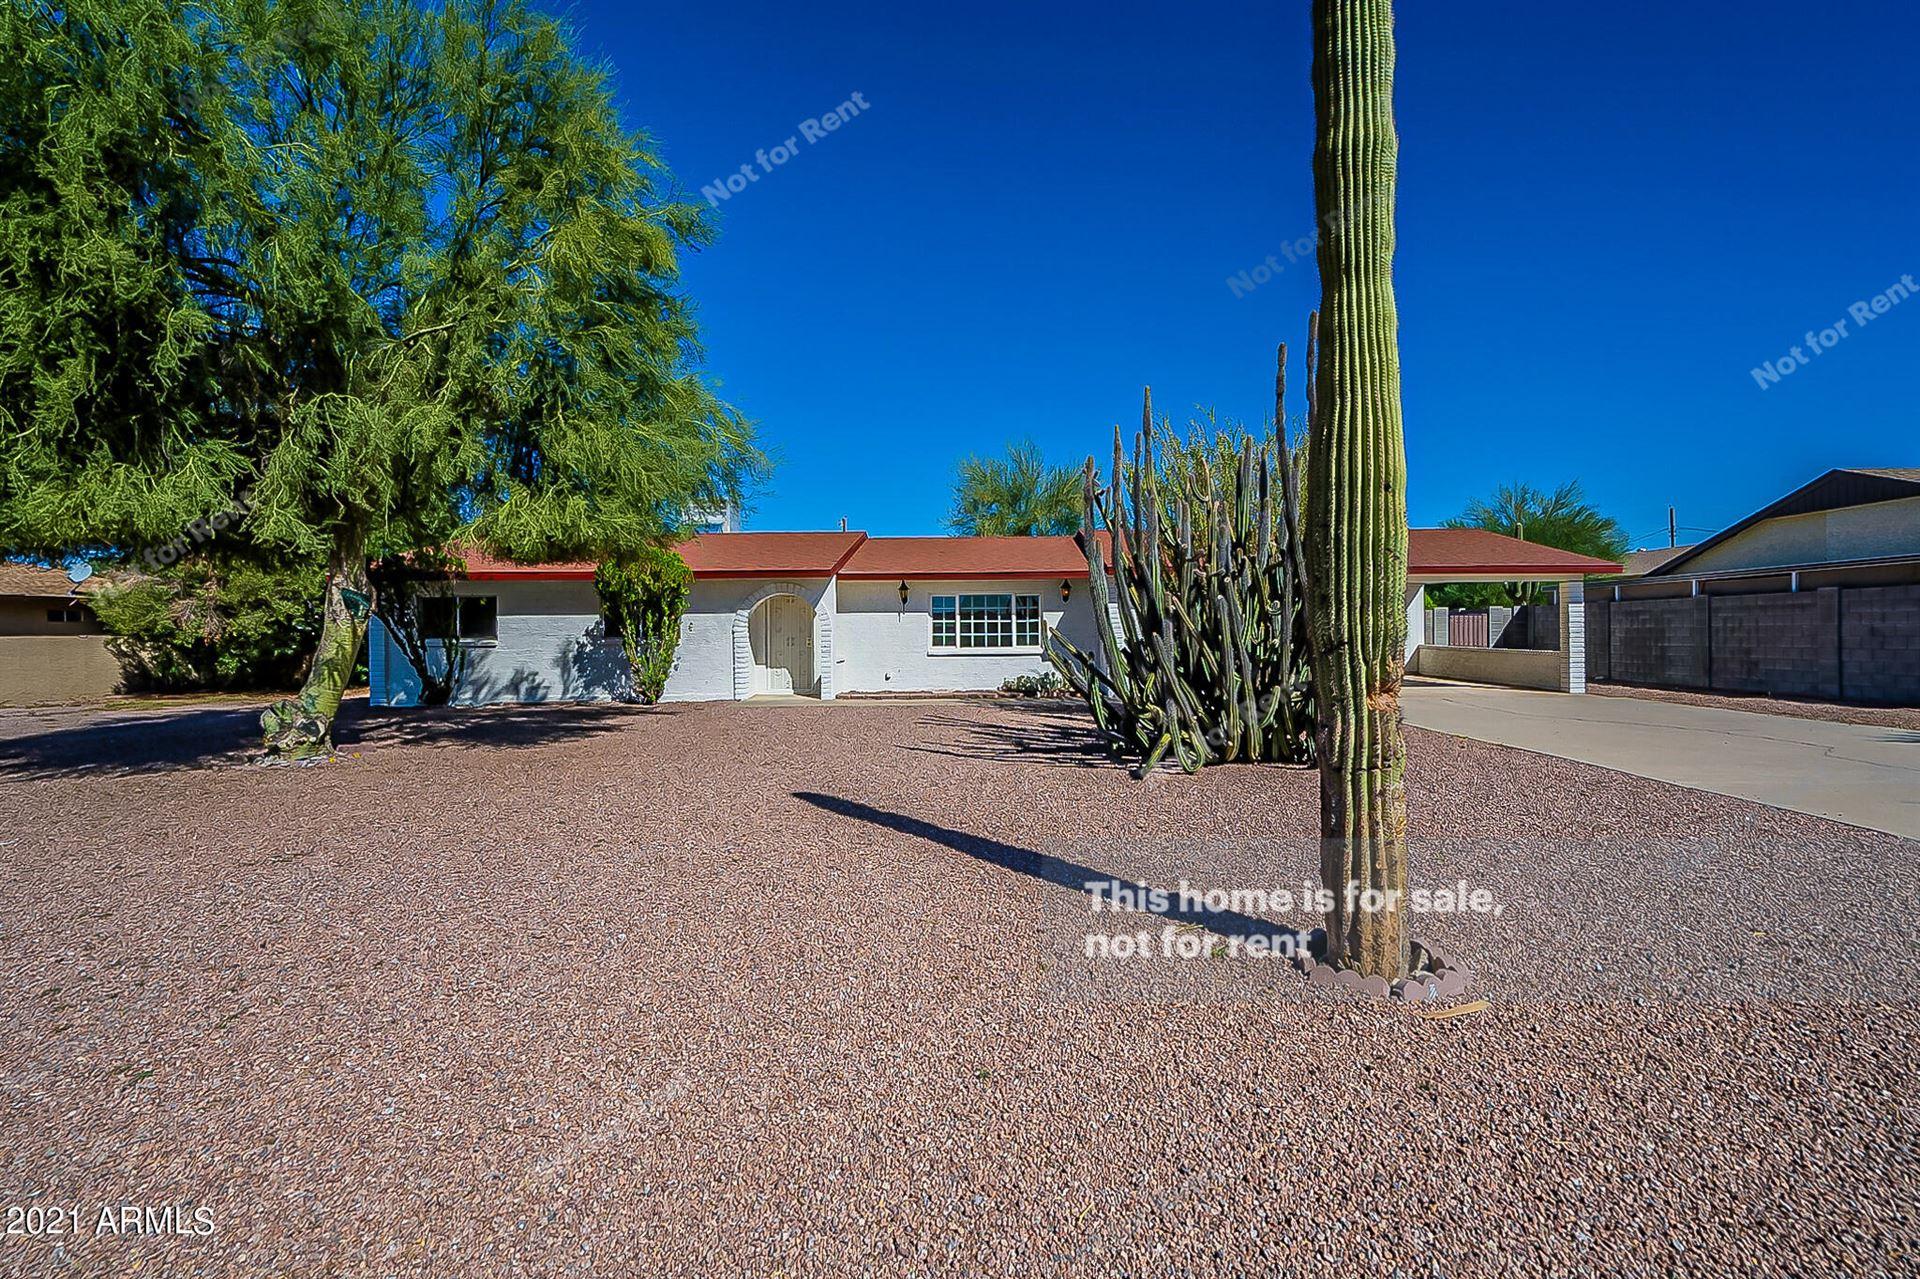 Photo of 926 E LINDA Avenue, Apache Junction, AZ 85119 (MLS # 6307824)